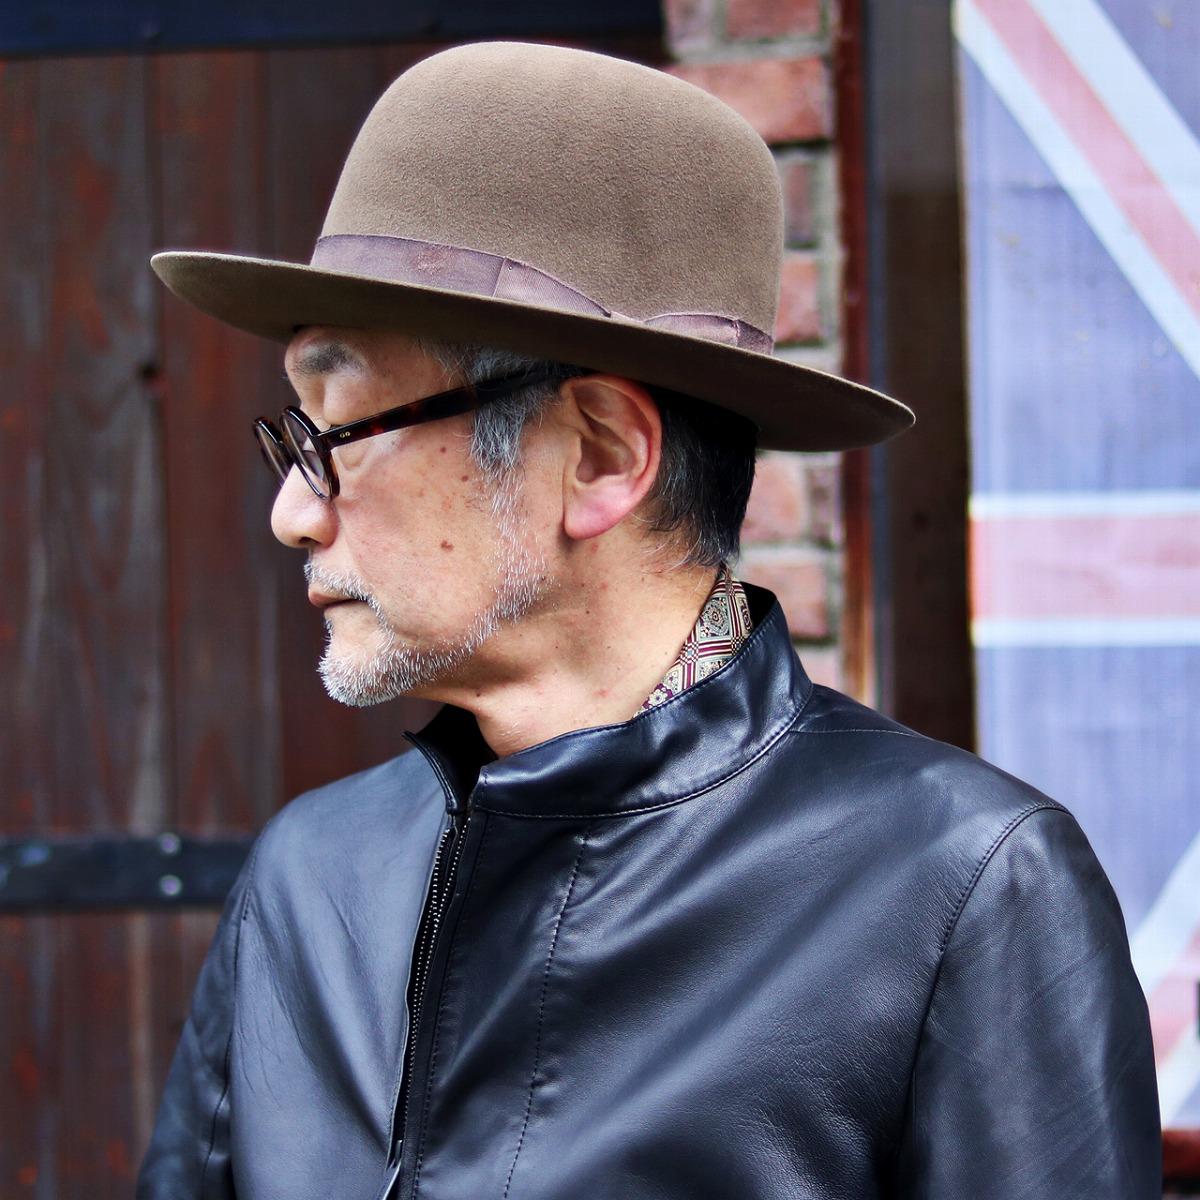 インディ・ジョーンズ 帽子 メンズ ハット ディズニー Indiana Jones ファーフェルト オープンクラウン 映画 ハリウッド ハット シネマ 限定モデル 秋冬 ブラウン 中茶 [ indiana Jones hat ] ( クリスマス ギフト包装 ラッピング 無料 )